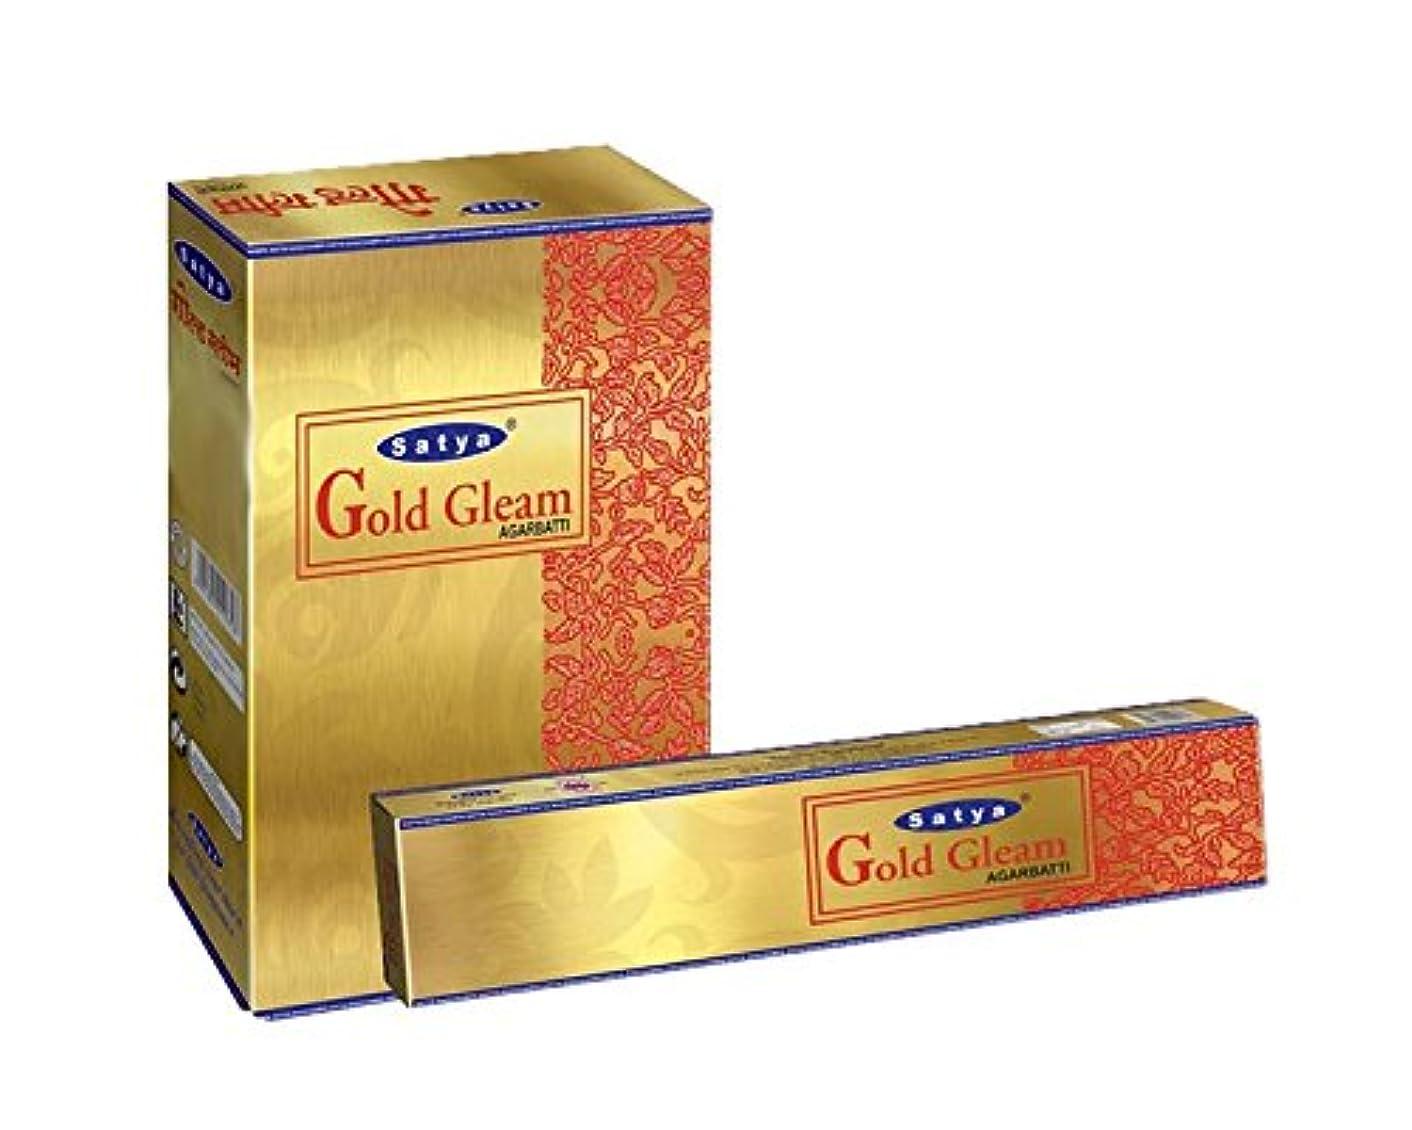 騒く外交問題SatyaゴールドGleam Incense Sticksボックス240 gmsボックス